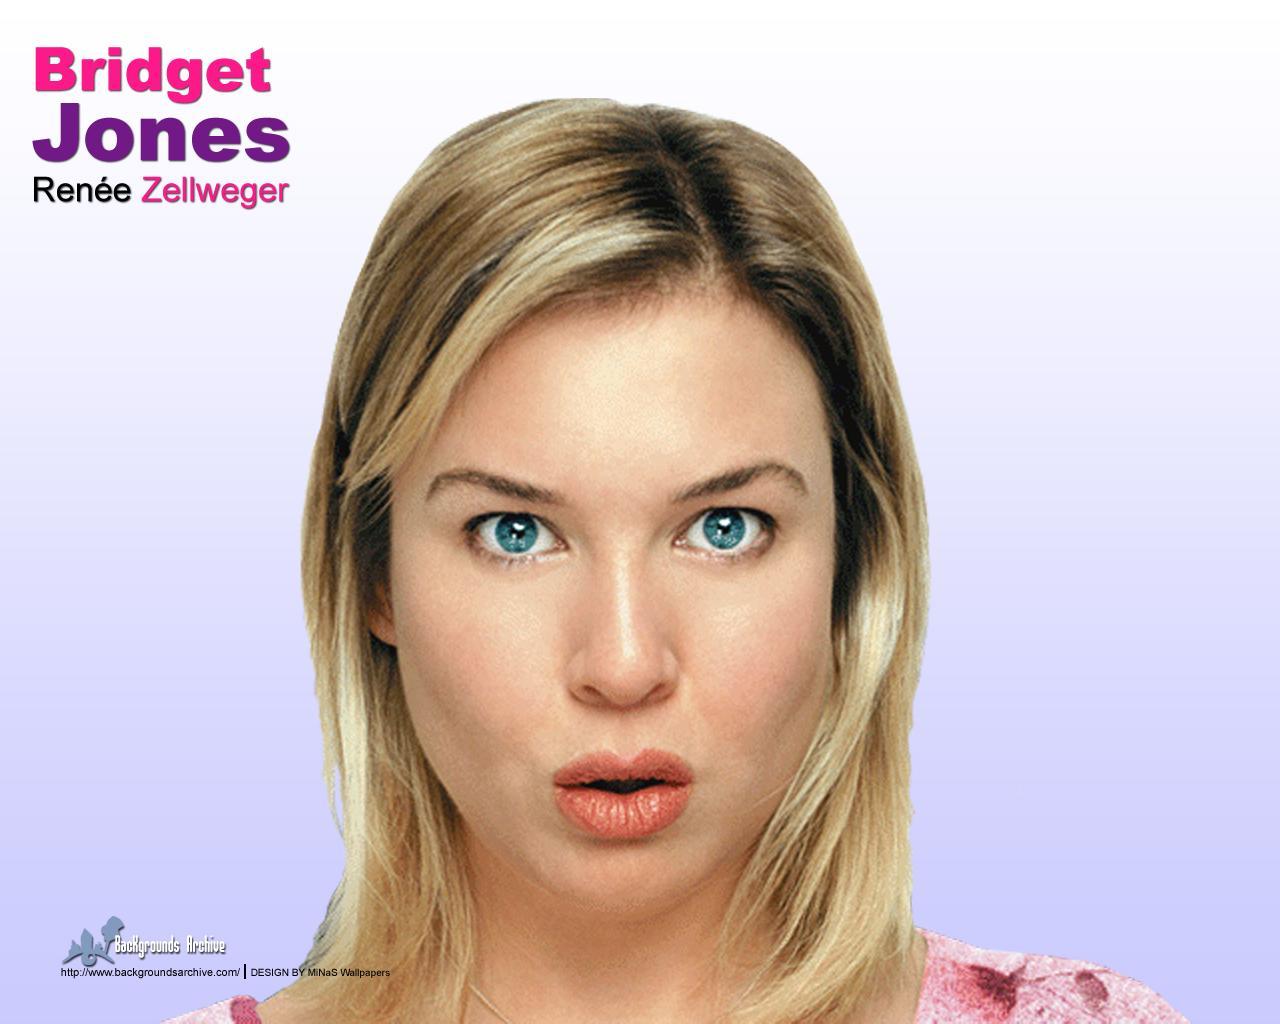 http://4.bp.blogspot.com/-264QcWr-TCE/UNn0BQF9SfI/AAAAAAAATEk/jiYaXIK7m3A/s1600/Bridget-Jones-Rene%CC%81e-Zellweger.jpg